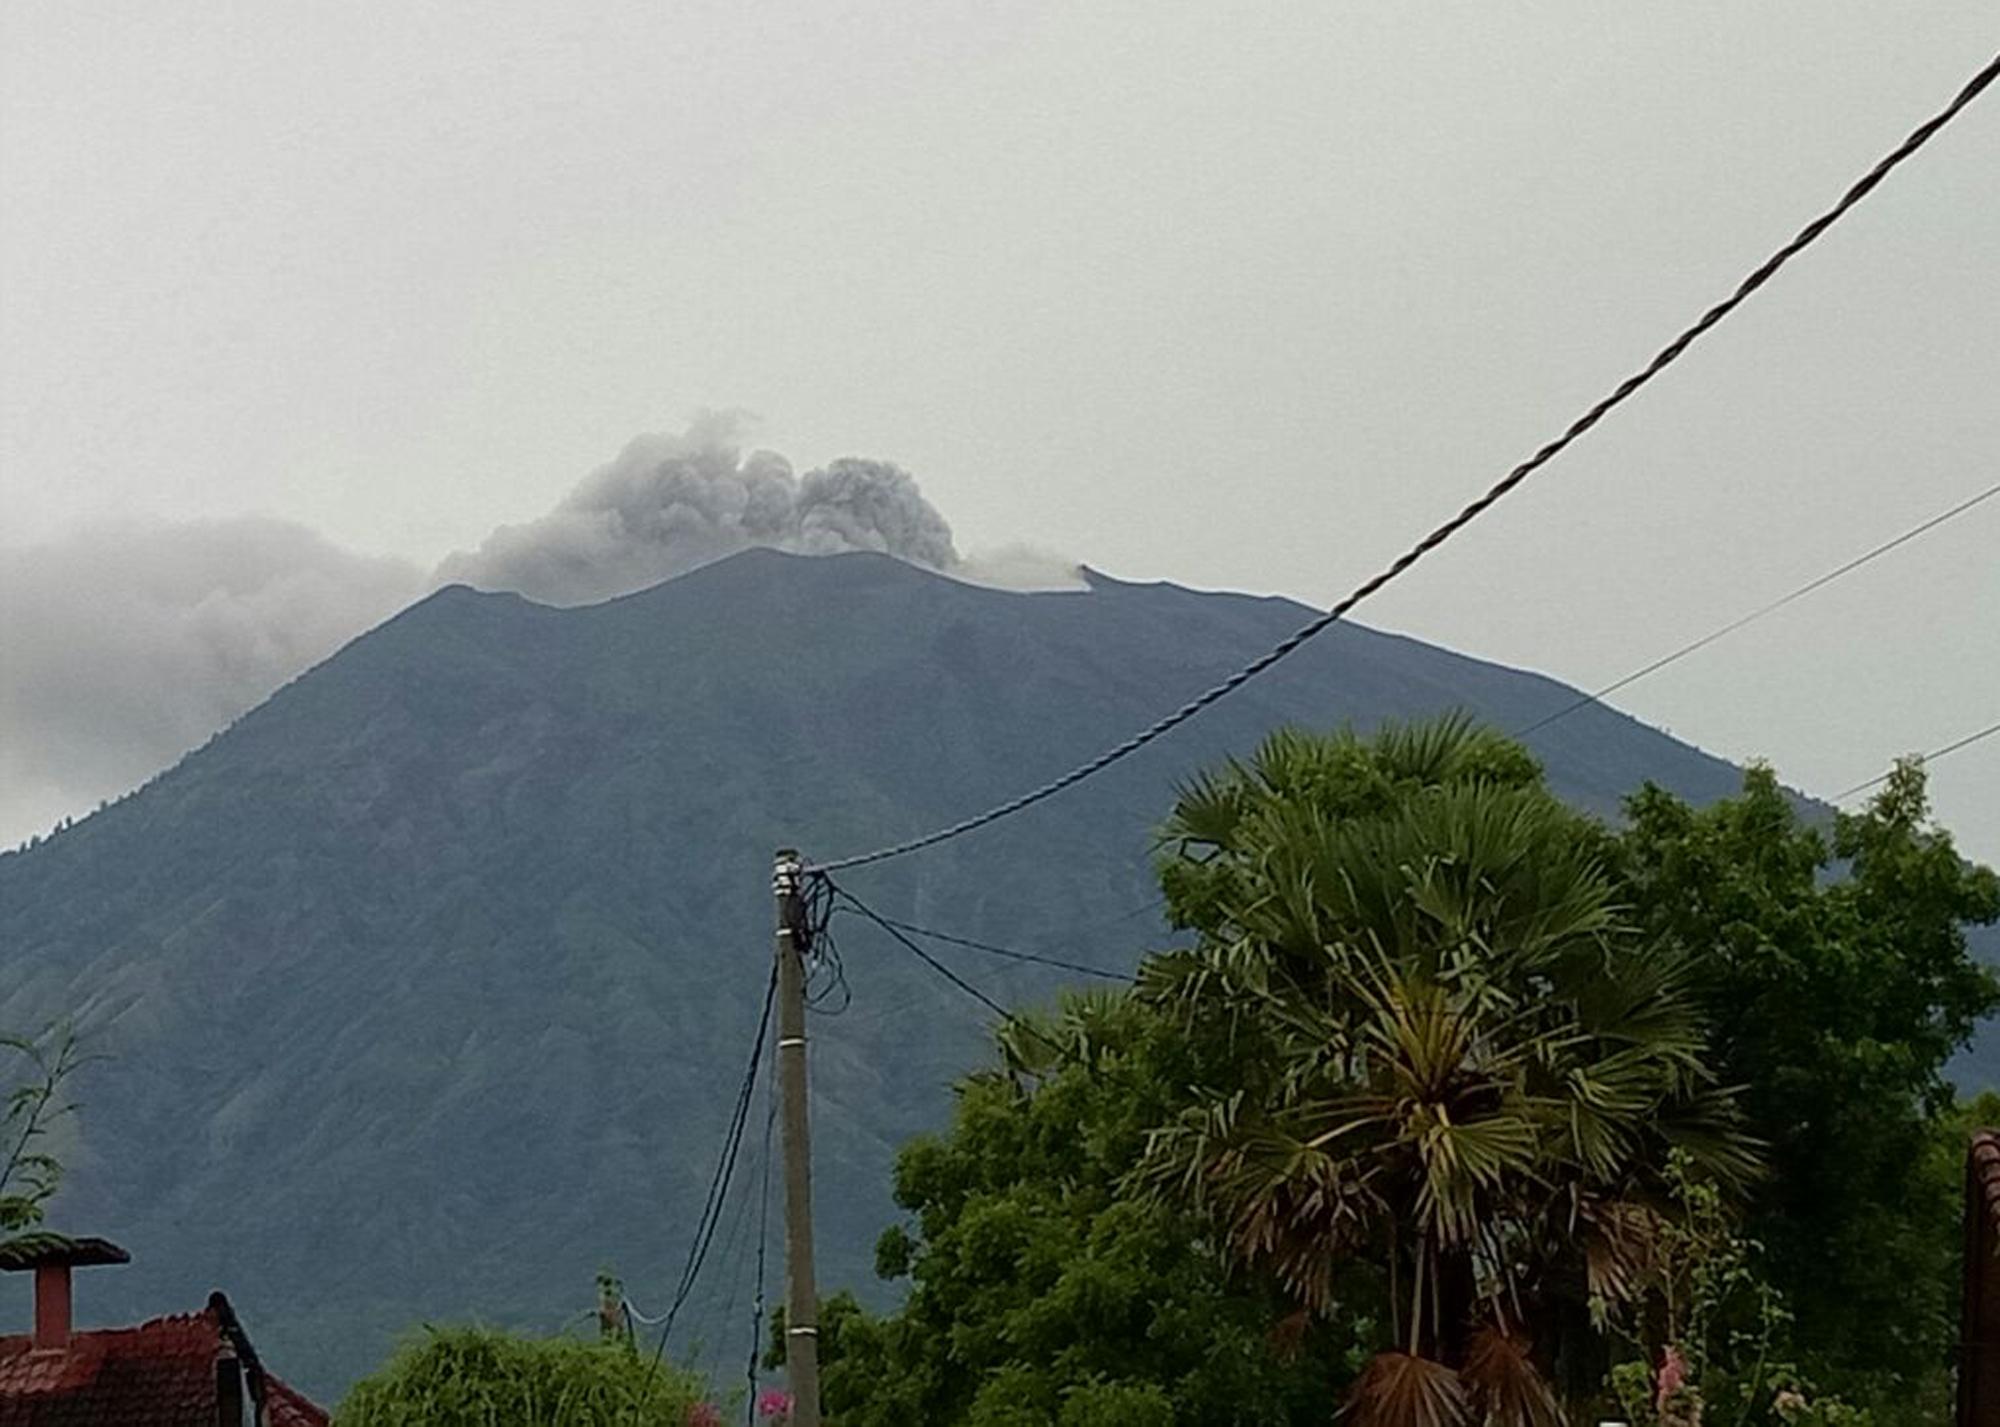 印尼峇里島阿貢火山(Agung Volcano)再次噴發火山灰。(照片由美聯社提供)